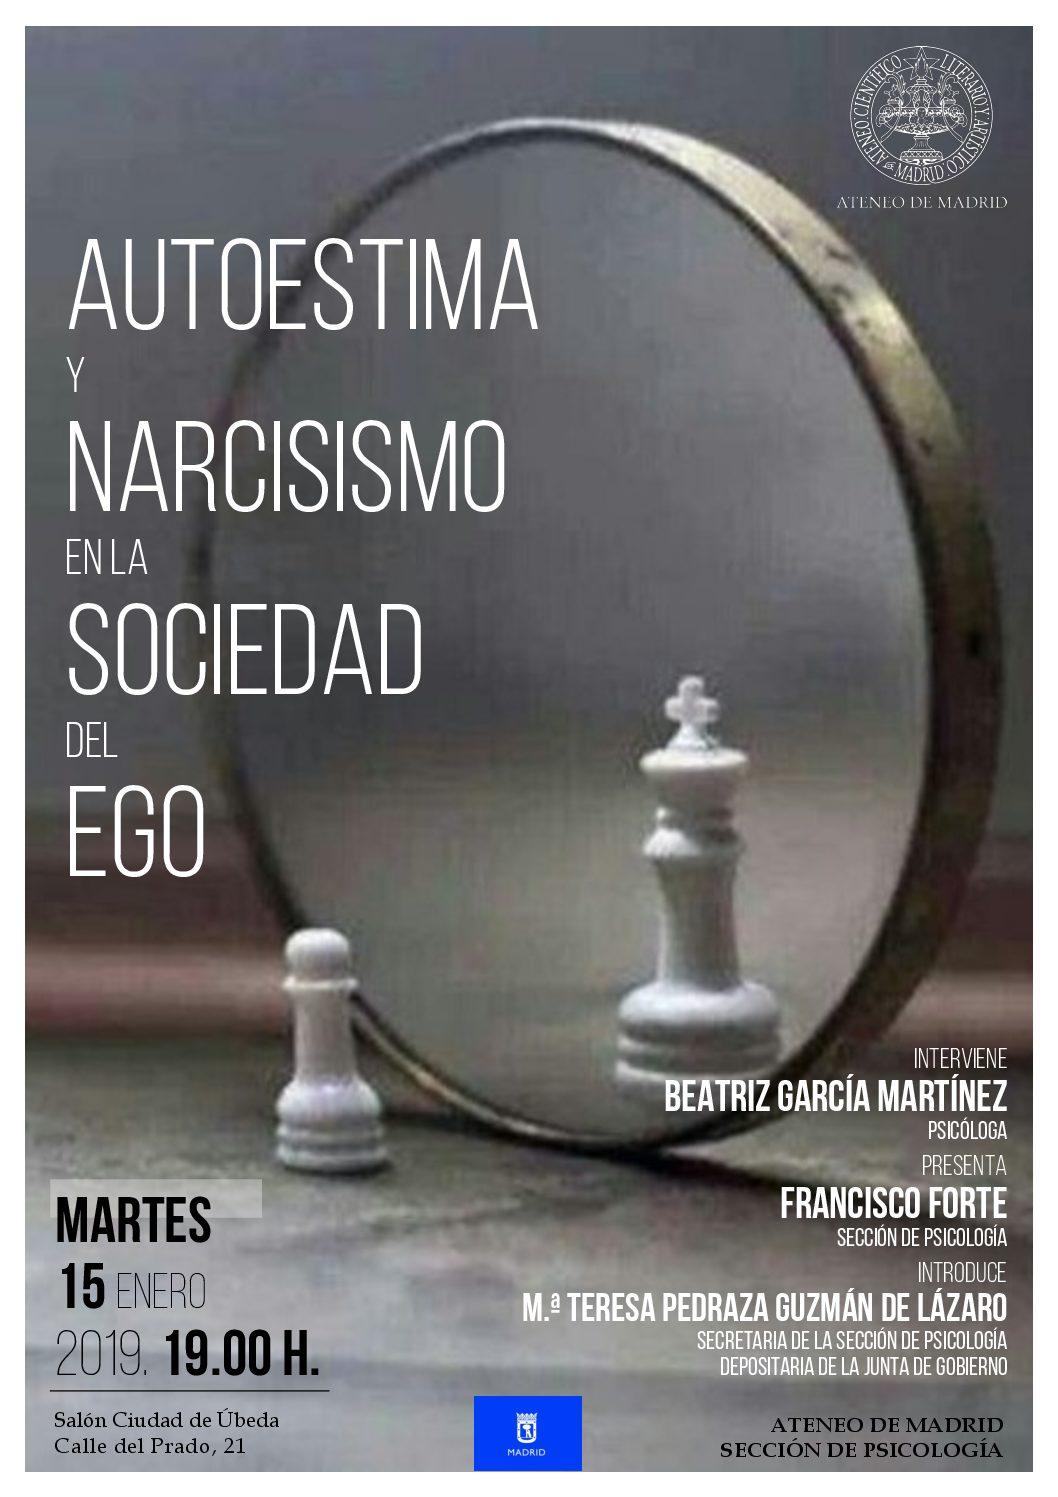 Conferencia en el Ateneo de Madrid: autoestima y narcisismo en la sociedad del ego.